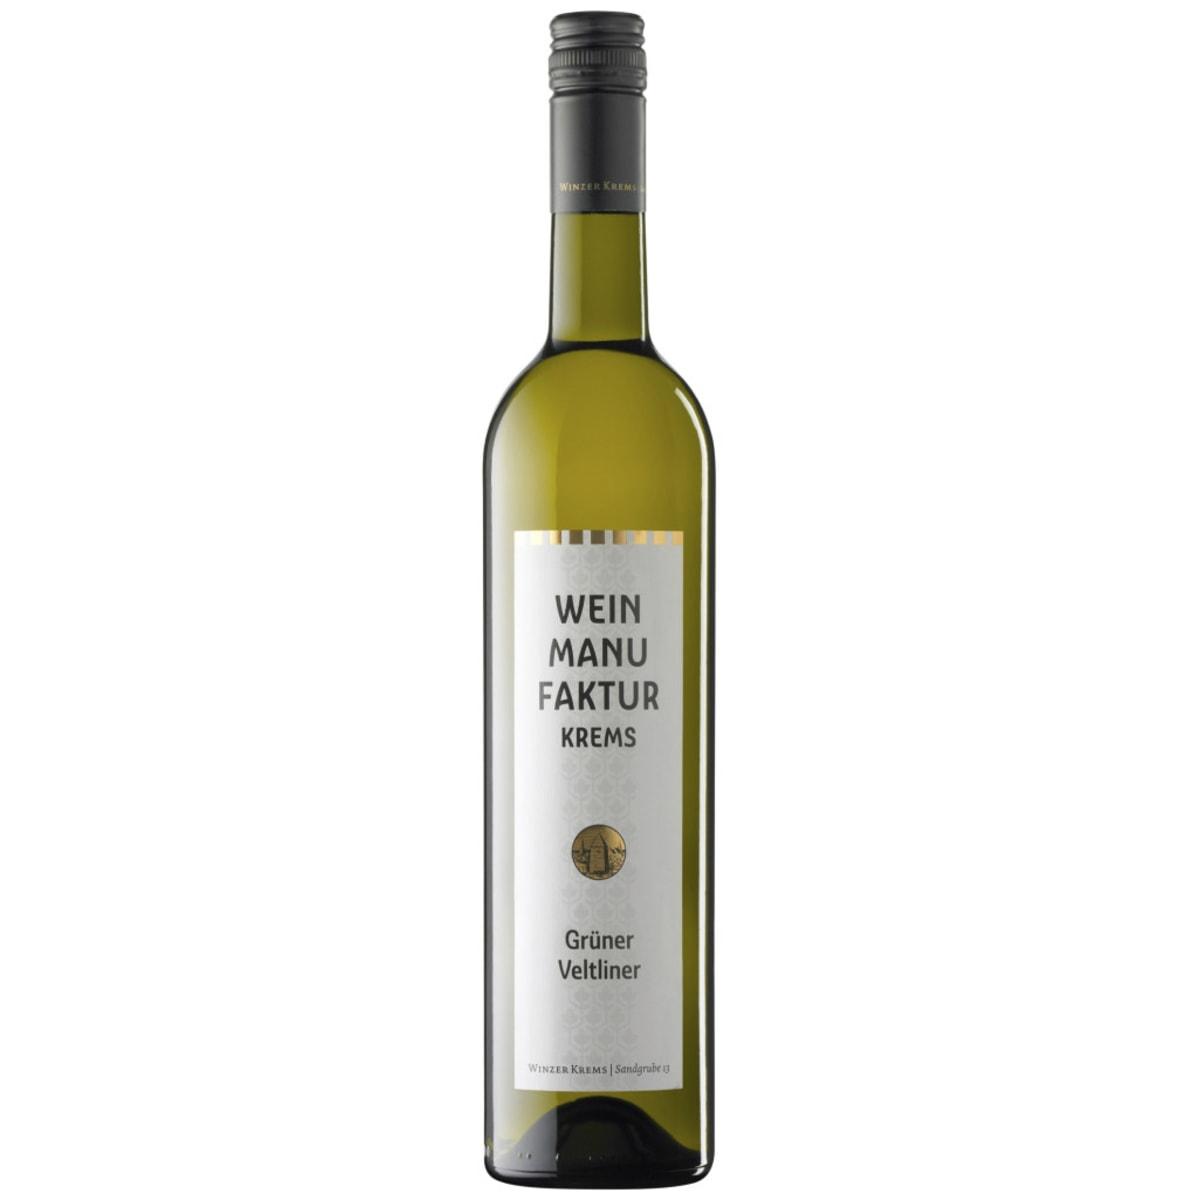 WK Weinmanufaktur Grüner Veltliner